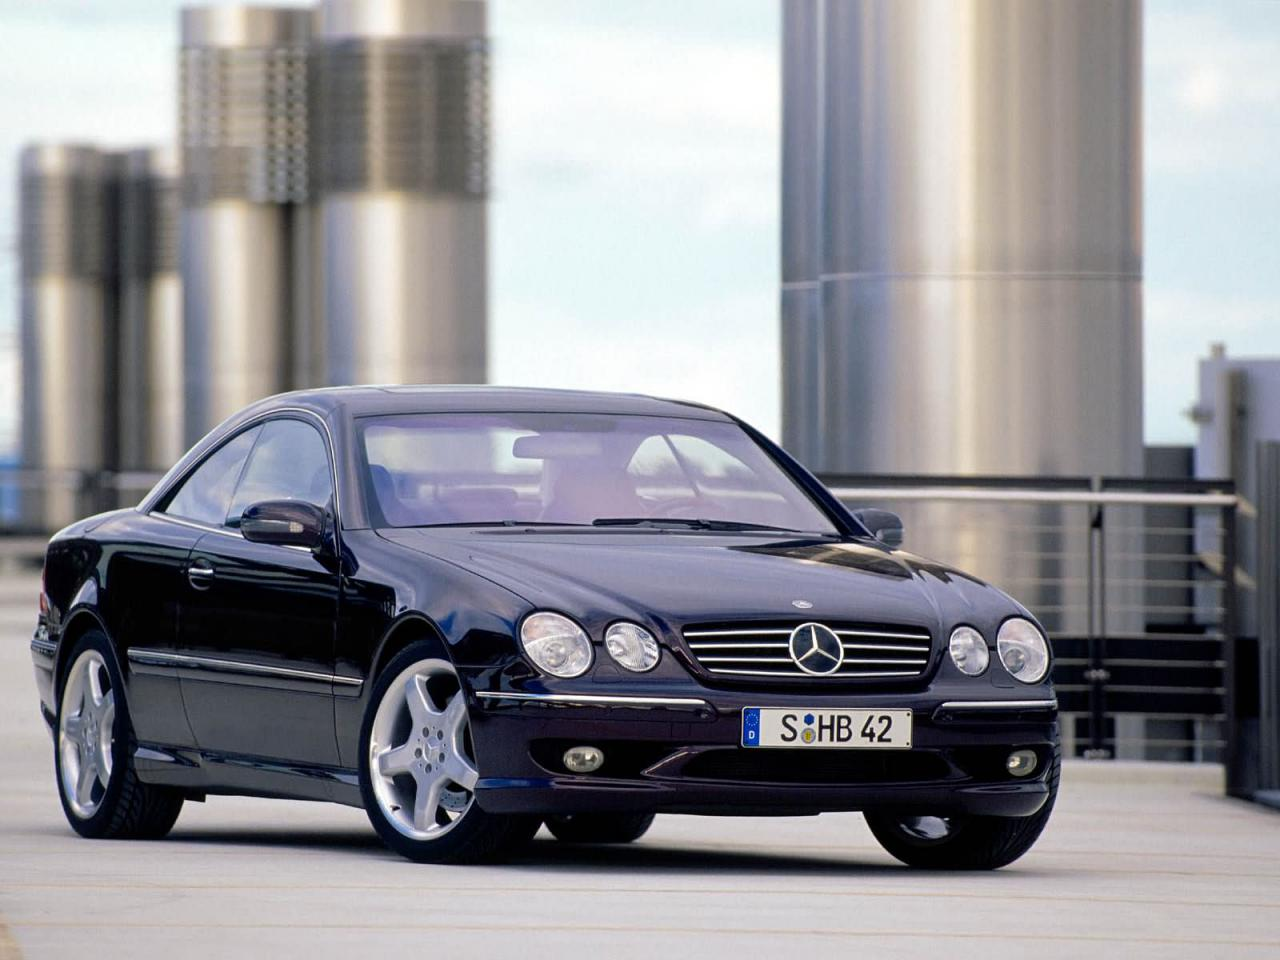 2000 Mercedes Benz C215 CL